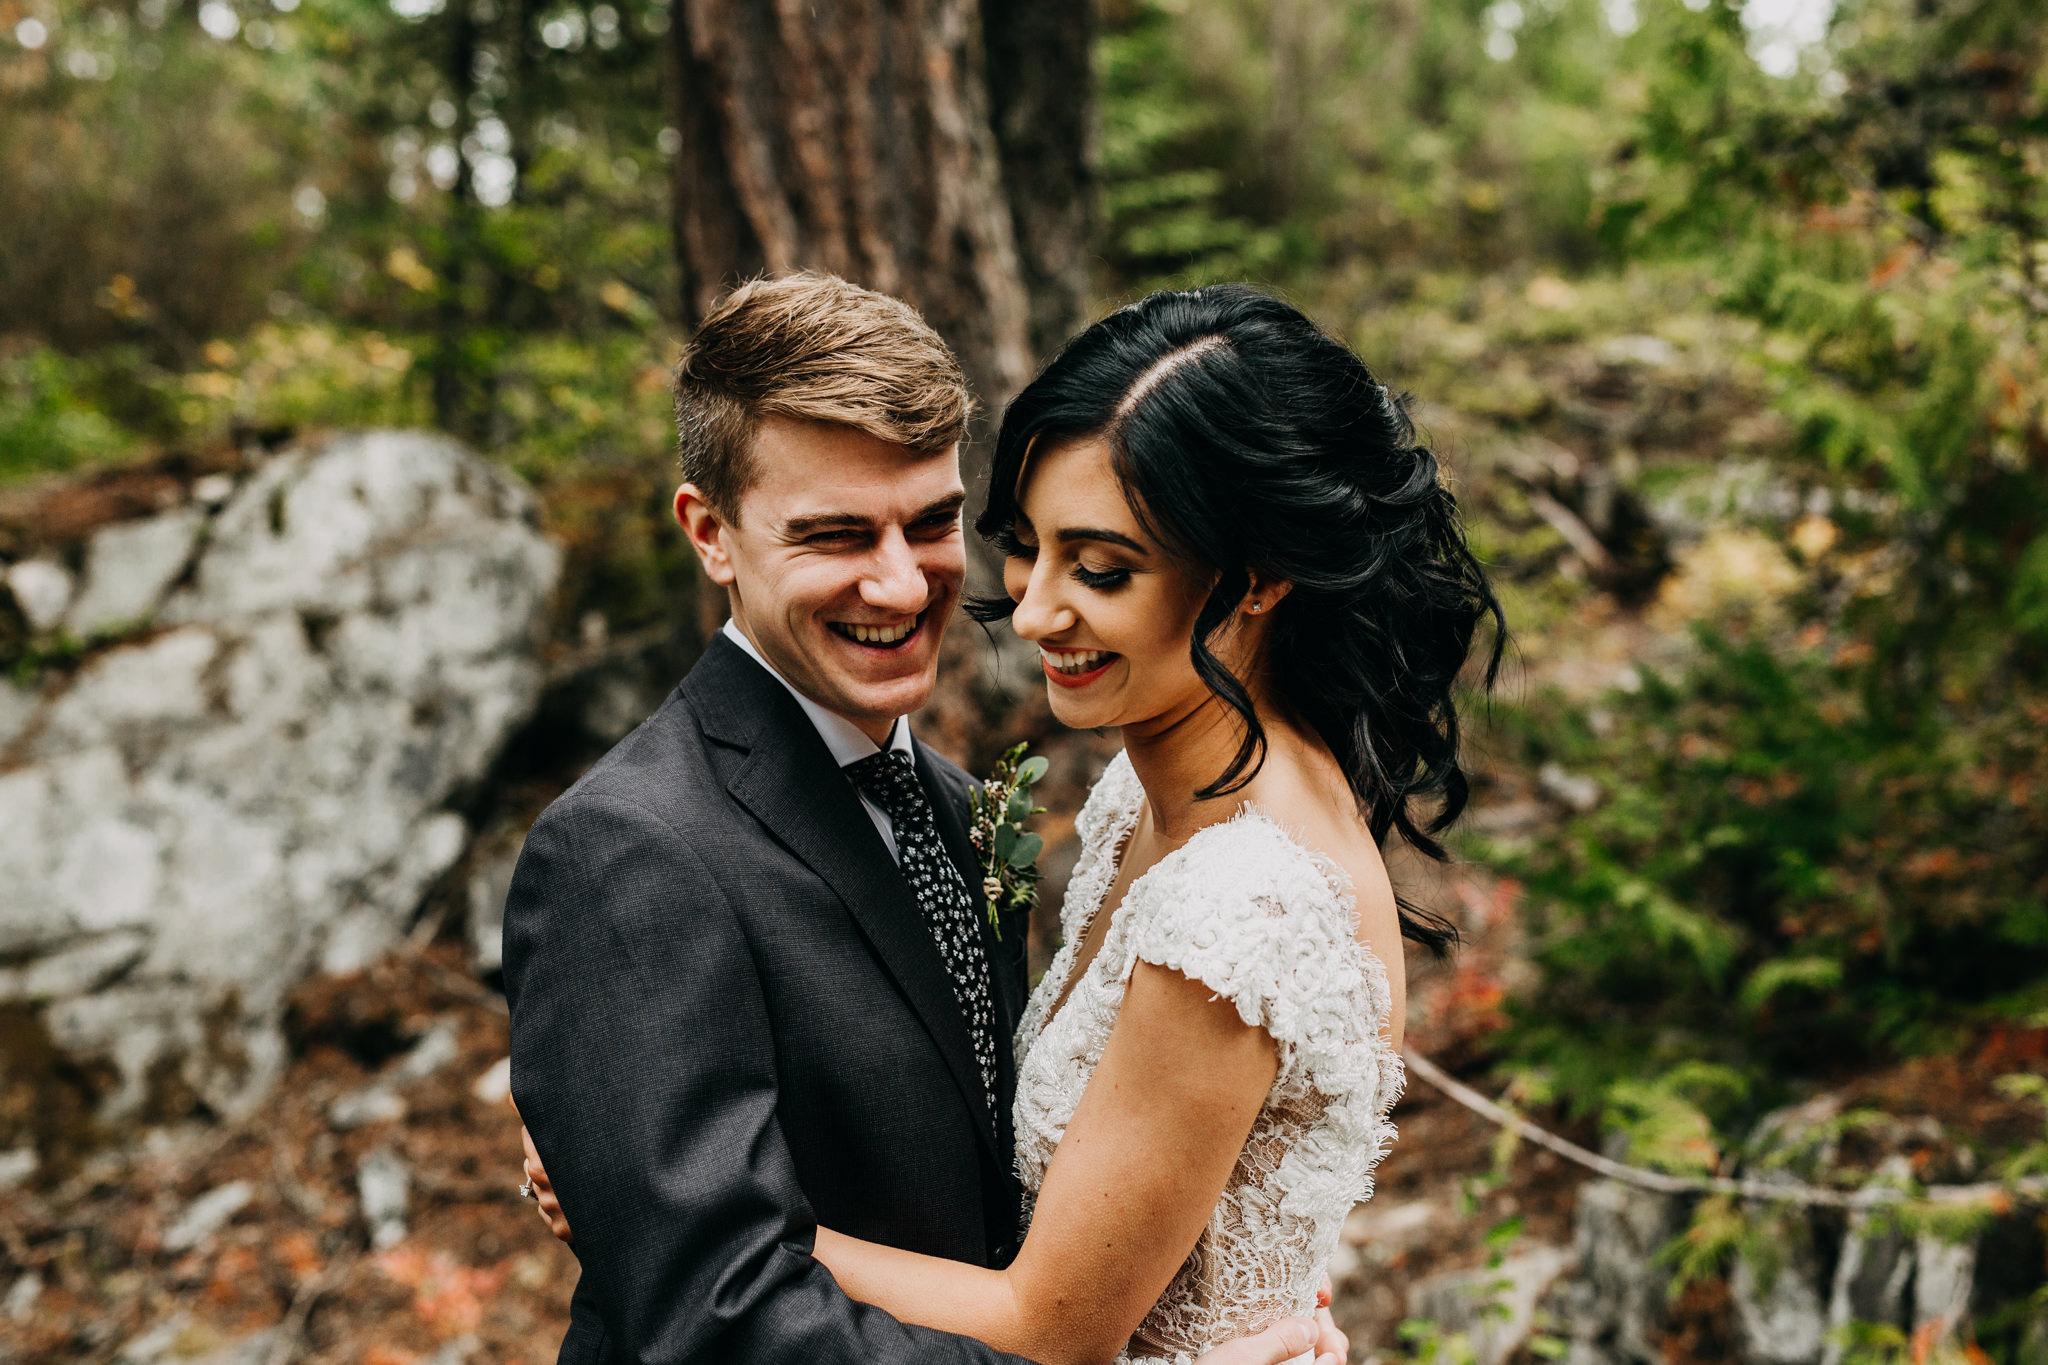 allison-linden-alexander-falls-nita-lake-whistler-elopement-aileen-choi-photo-web-171.jpg